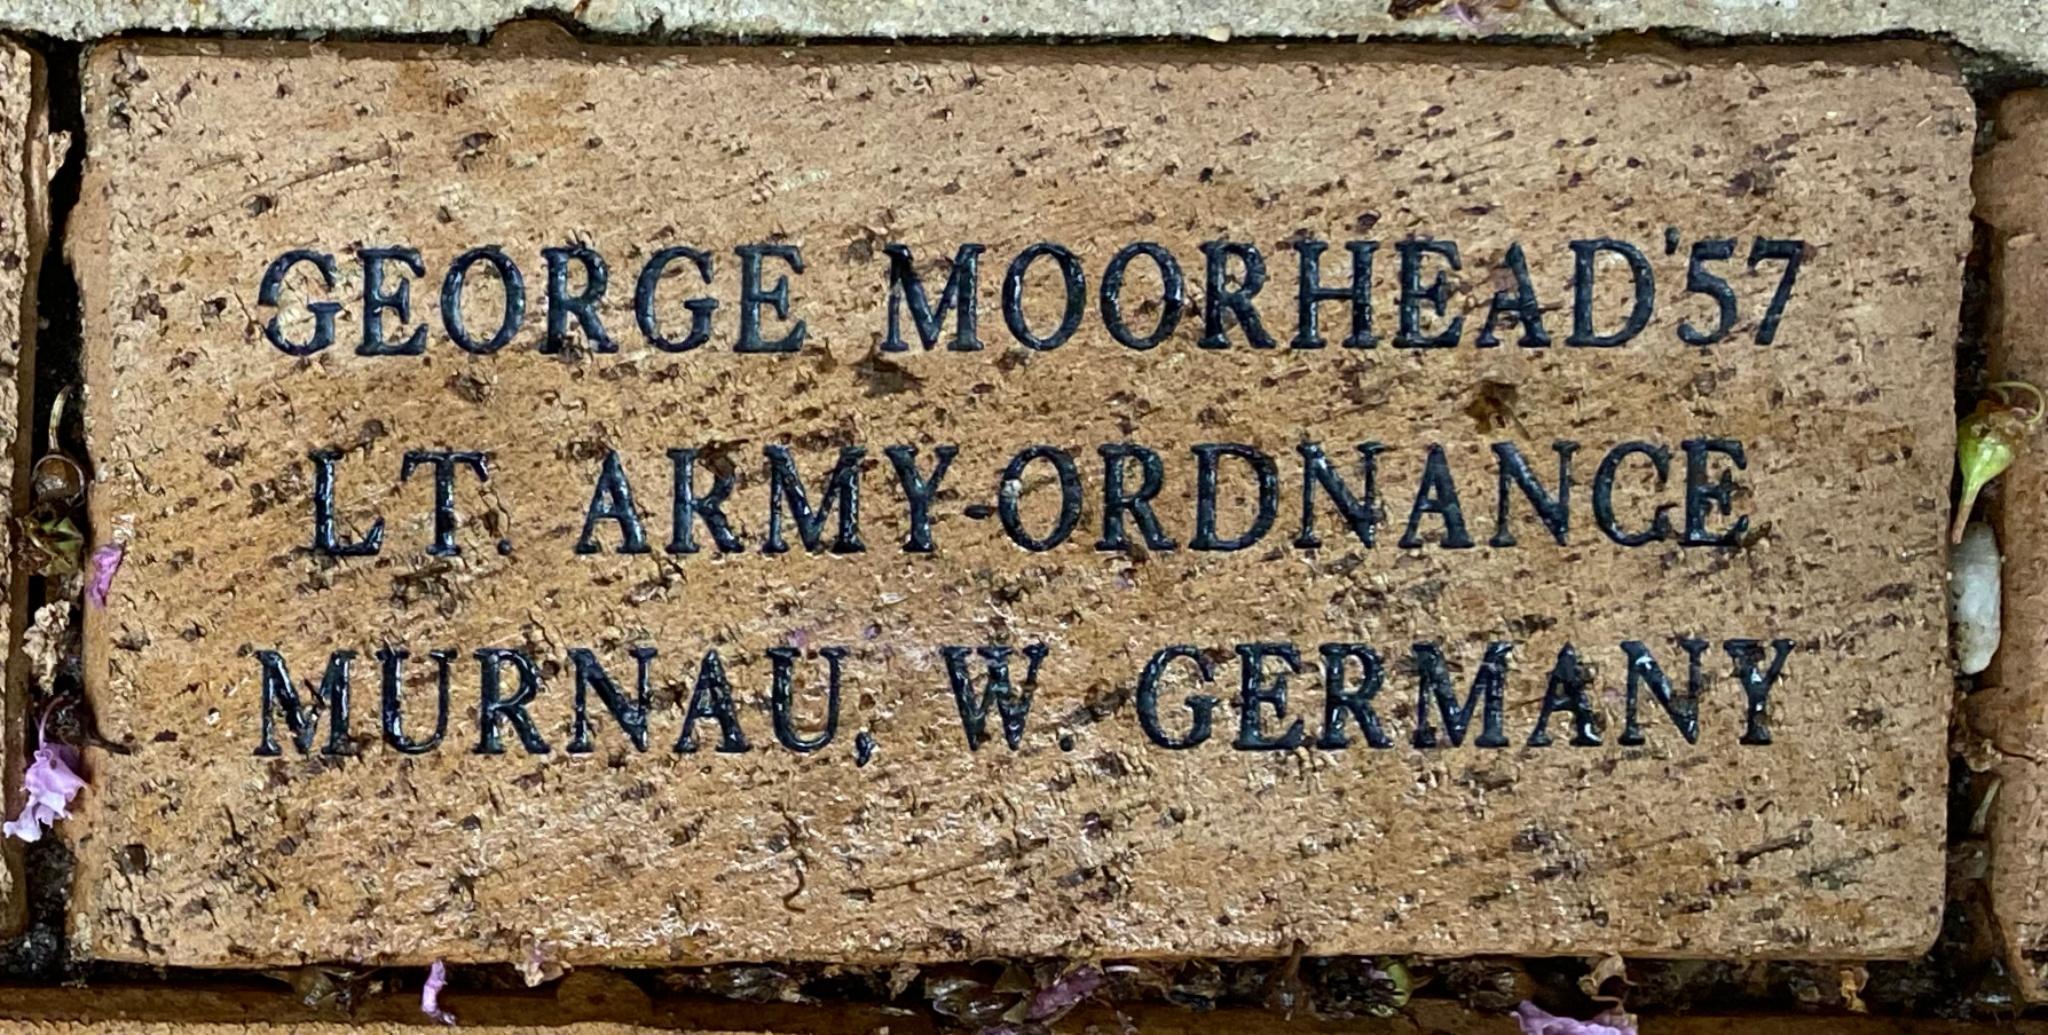 GEORGE MOORHEAD '57 LT. ARMY-ORDNANCE MURNAU, W. GERMANY